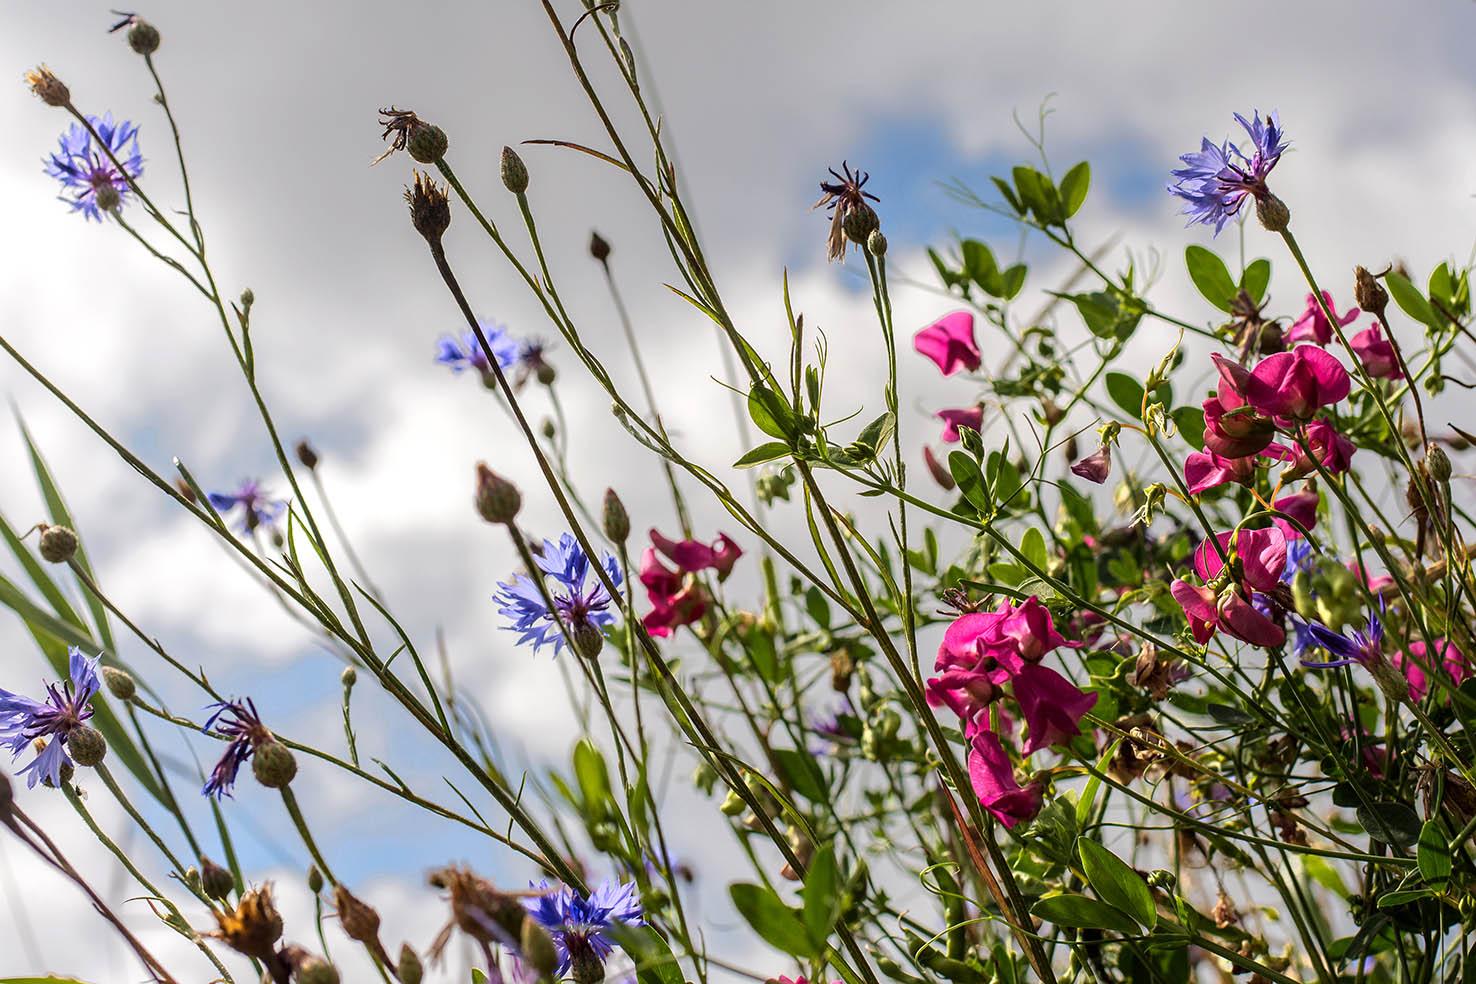 Blumen am Weg, bei Rastenfeld/NÖ, 07-2016